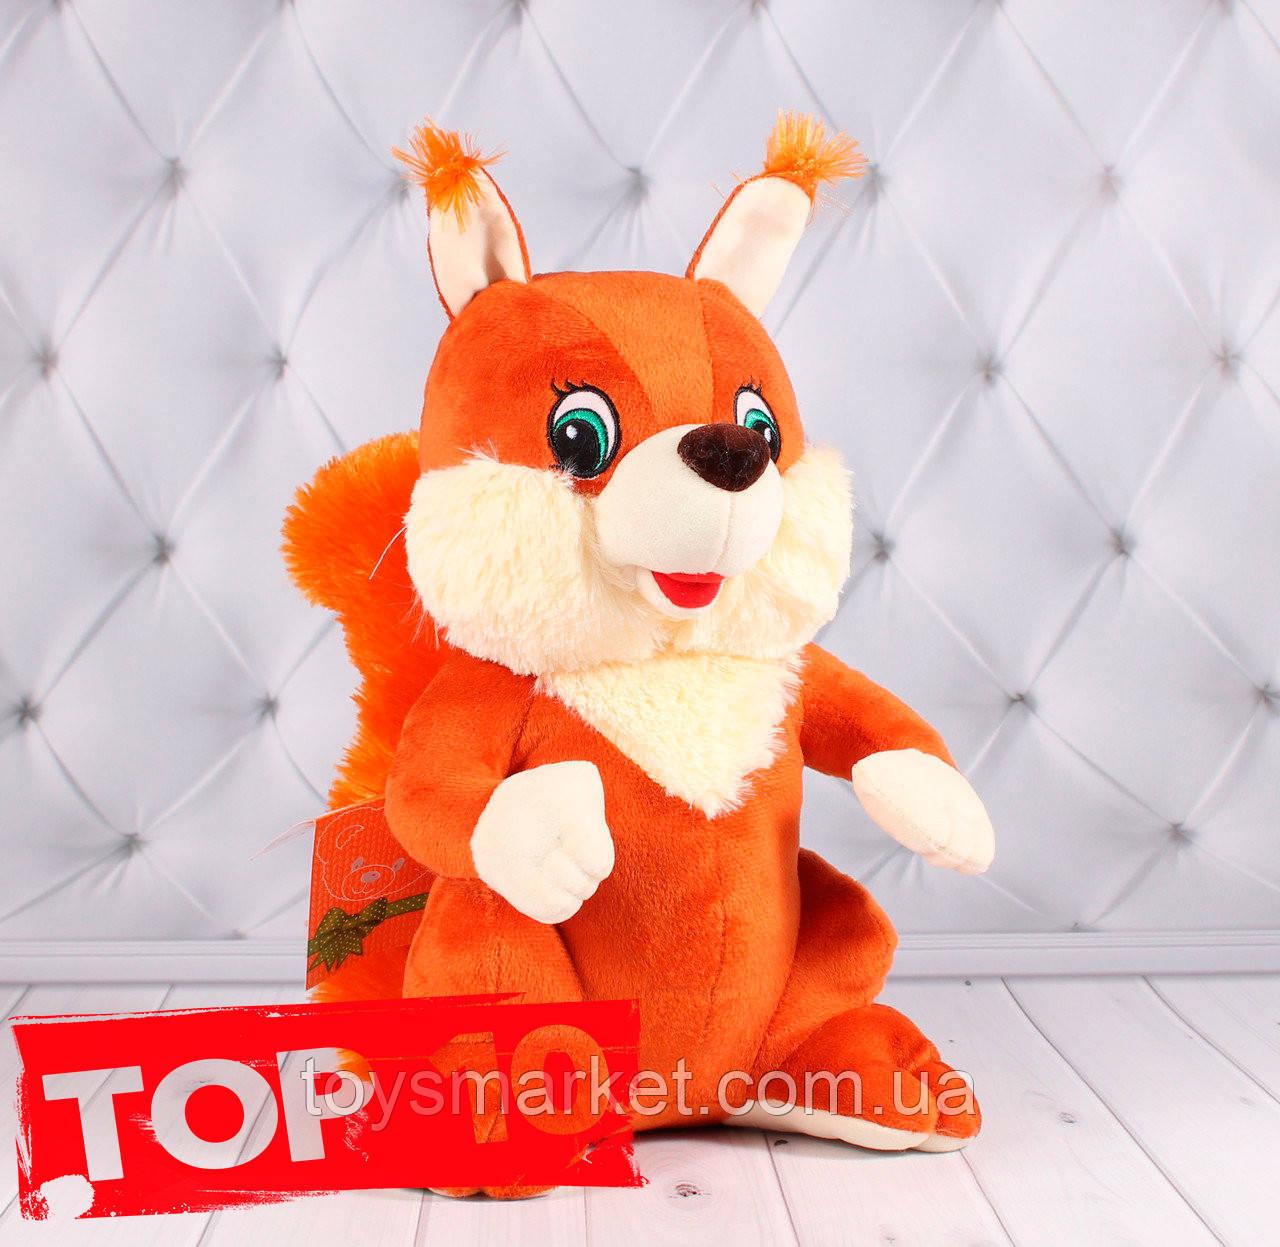 М'яка іграшка білка Бонні, плюшева білочка